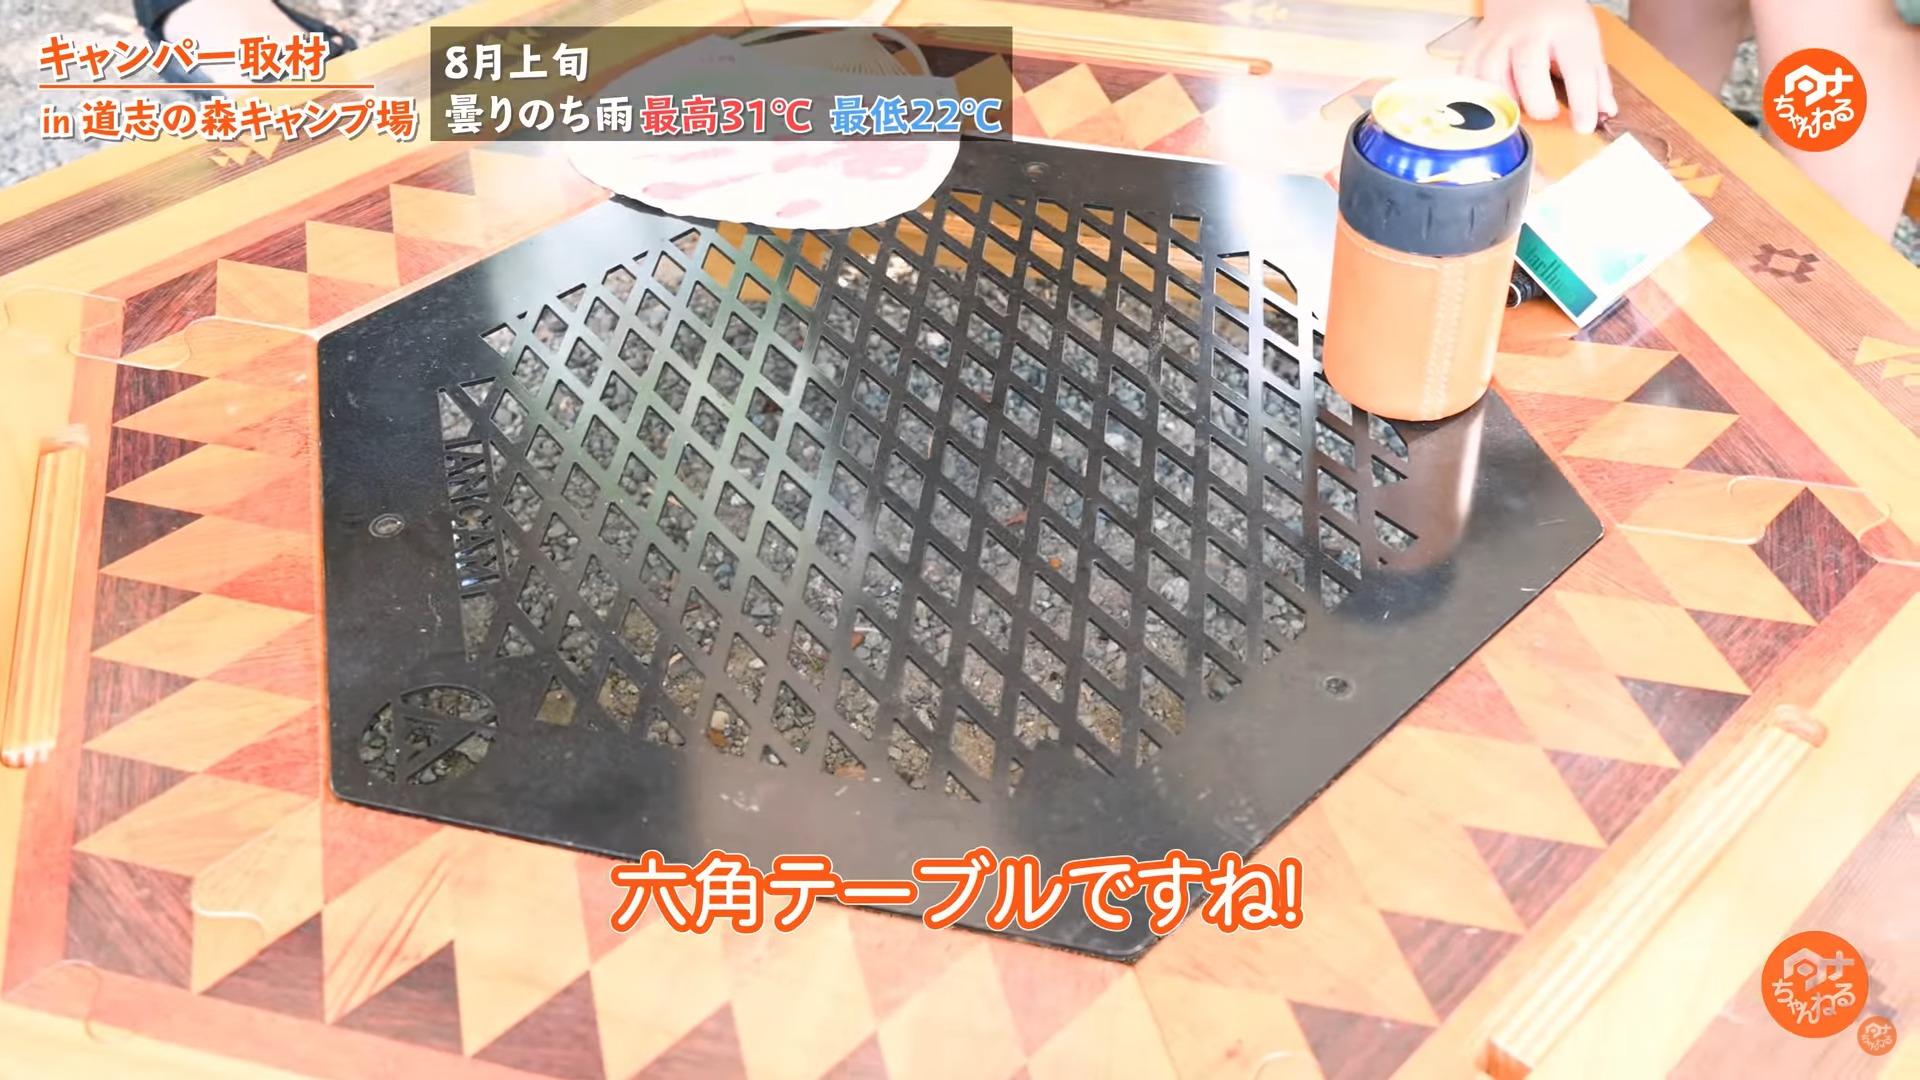 キャンプテーブル:【The Arth(ざぁ~ッス)】 六角テーブル